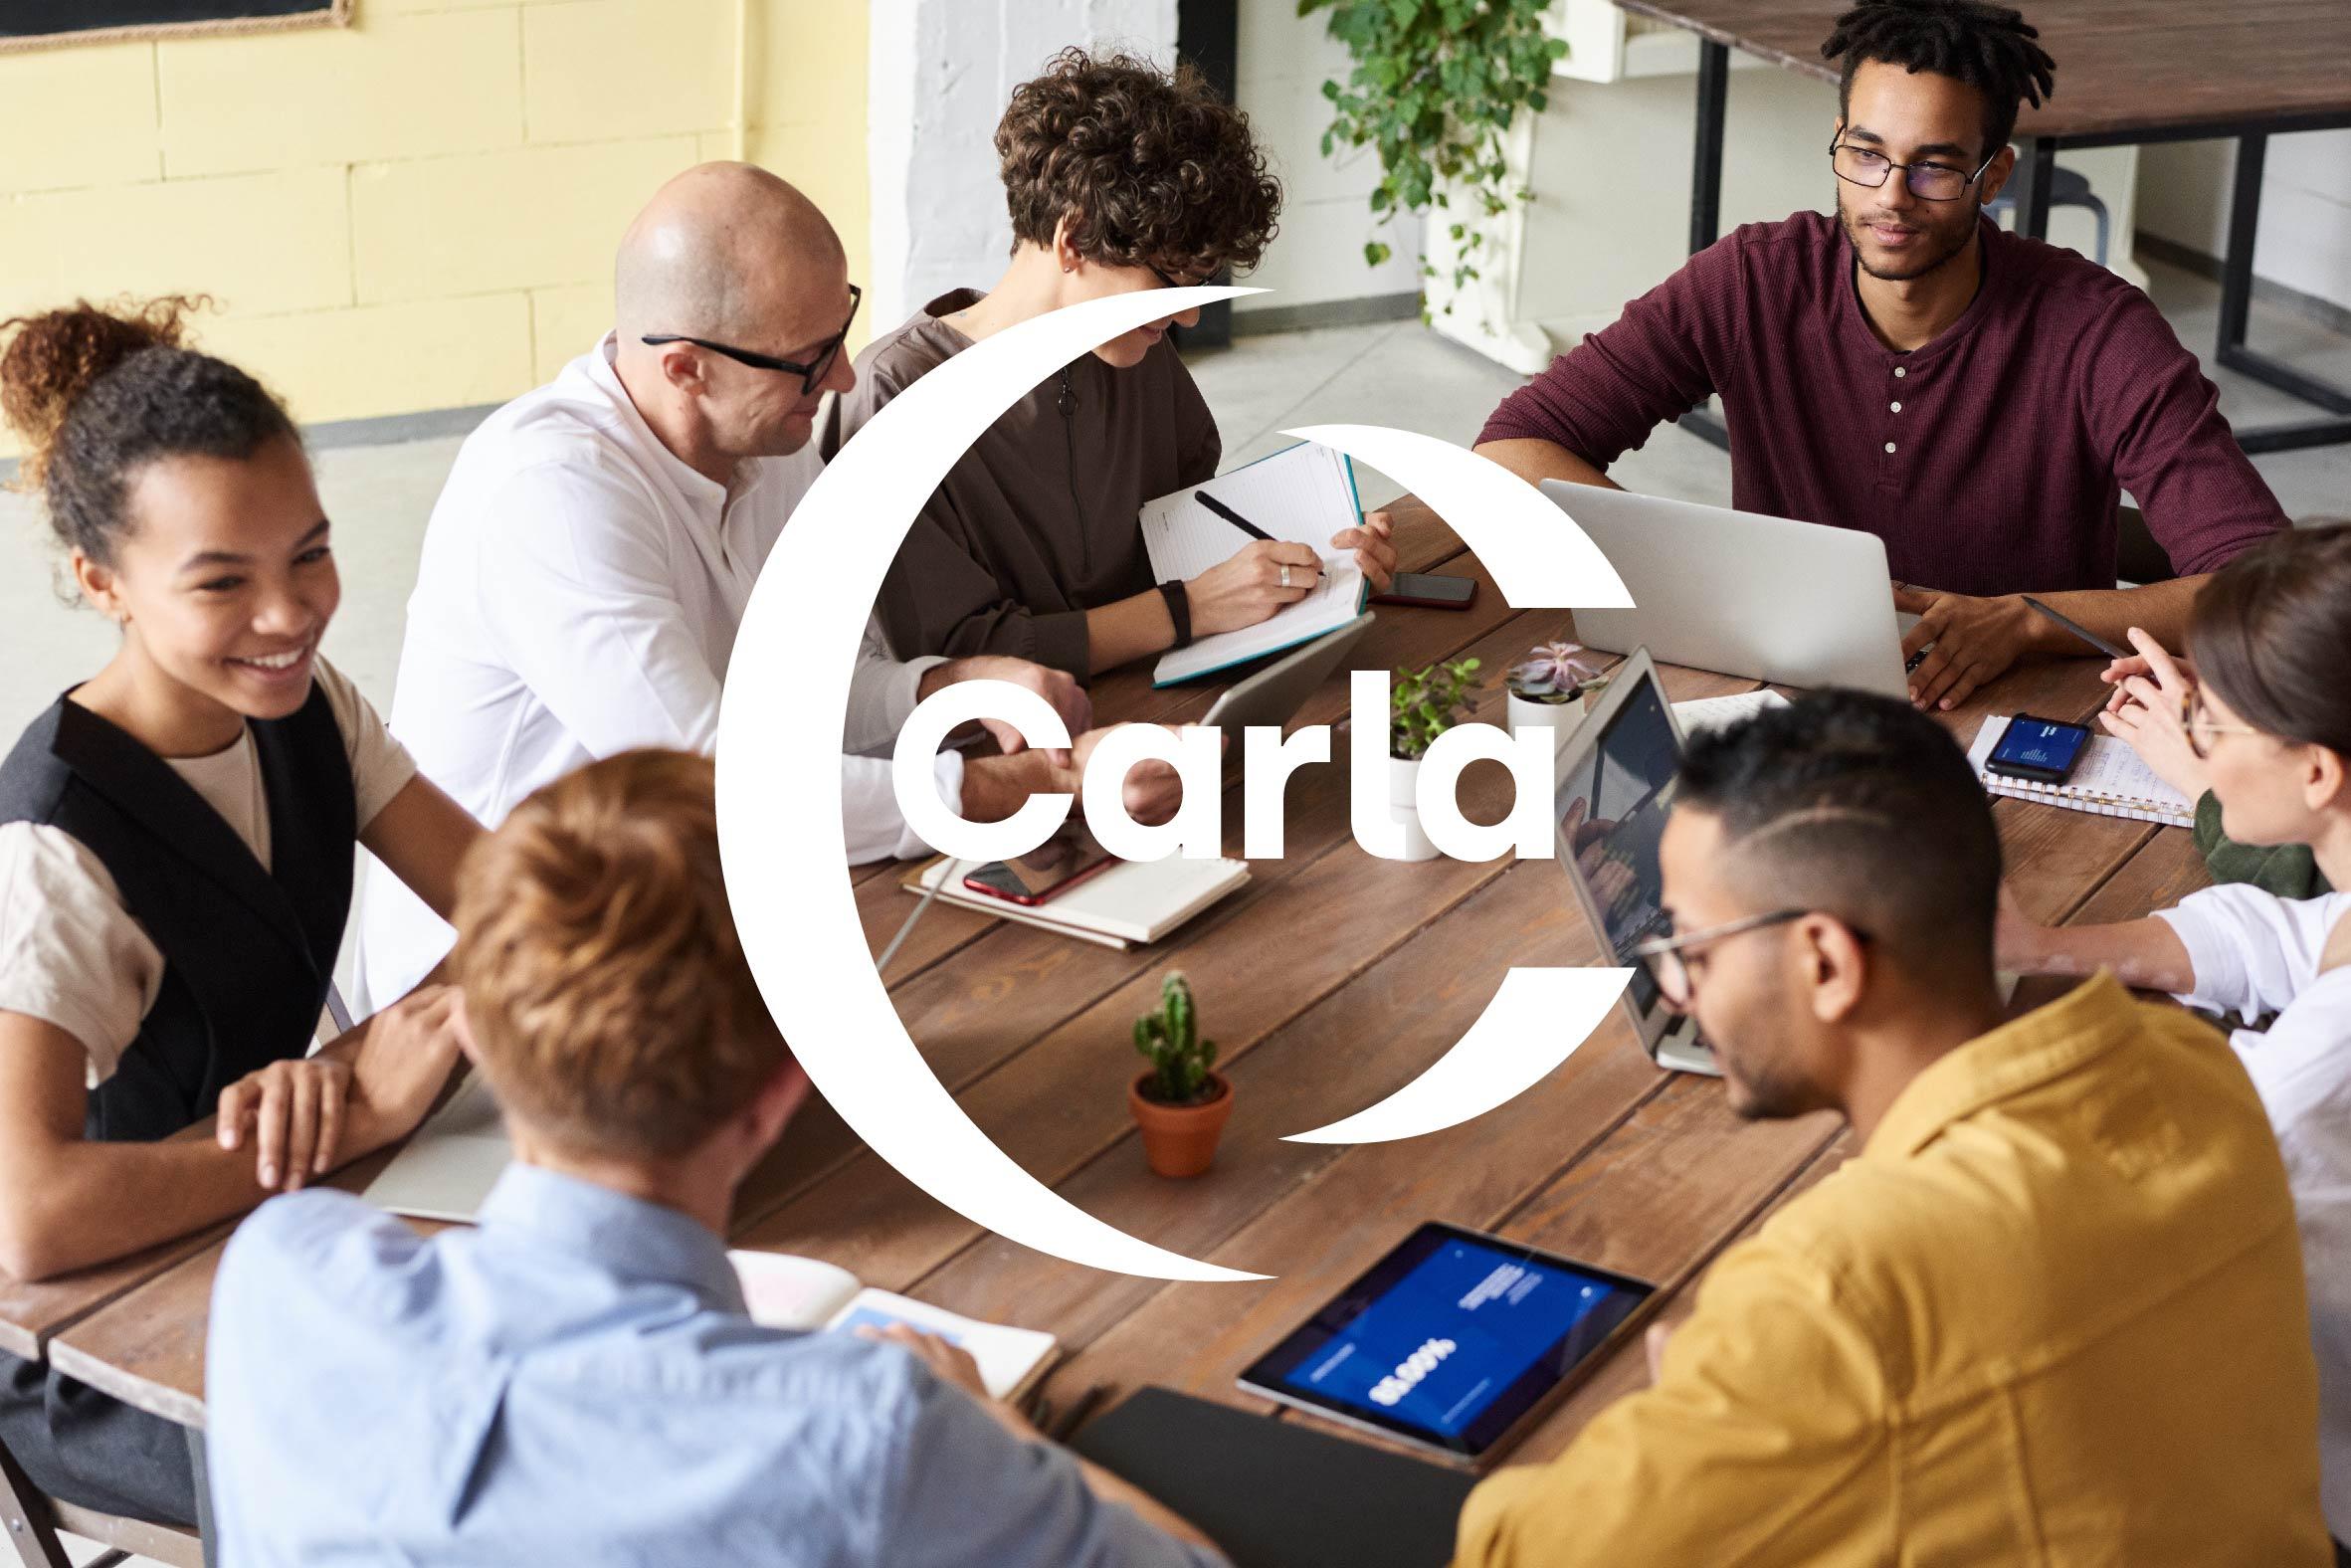 Carla-project-cover-2-Daniel-Cavalcanti-1